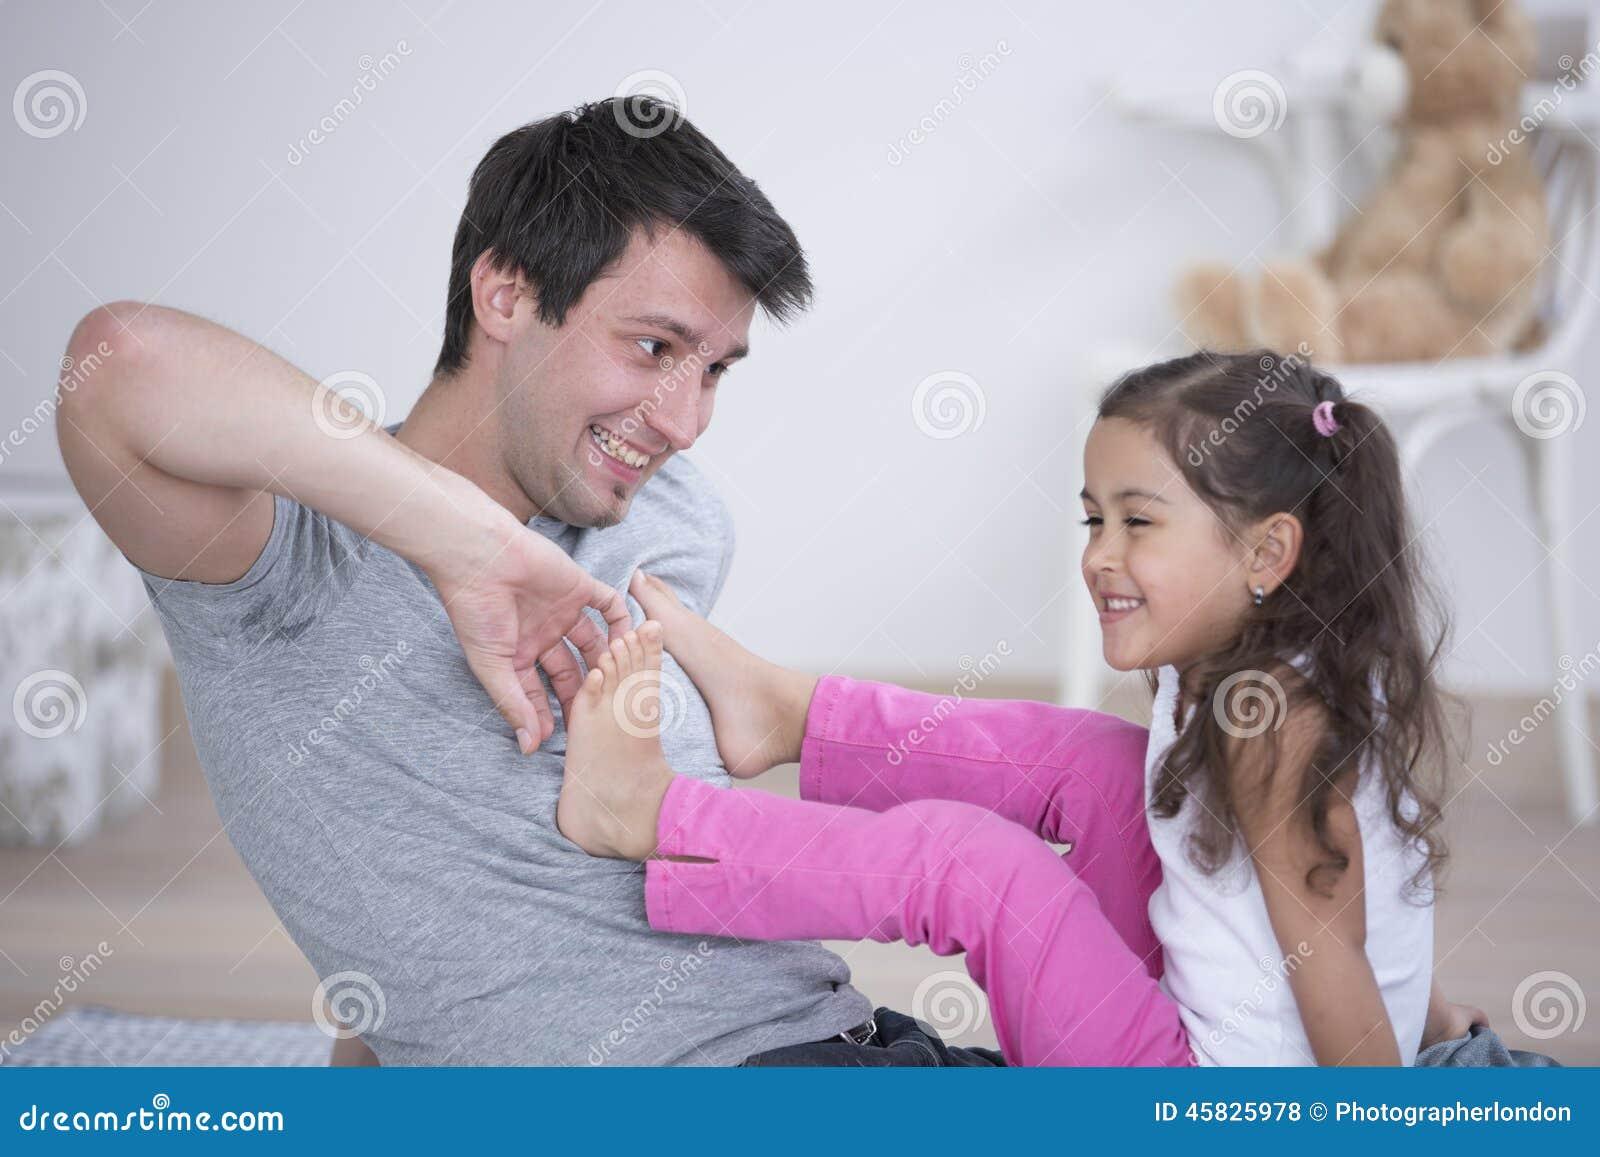 Трахнул старшую дочку, Отец трахнул дочь в красивом видео hd 720 21 фотография